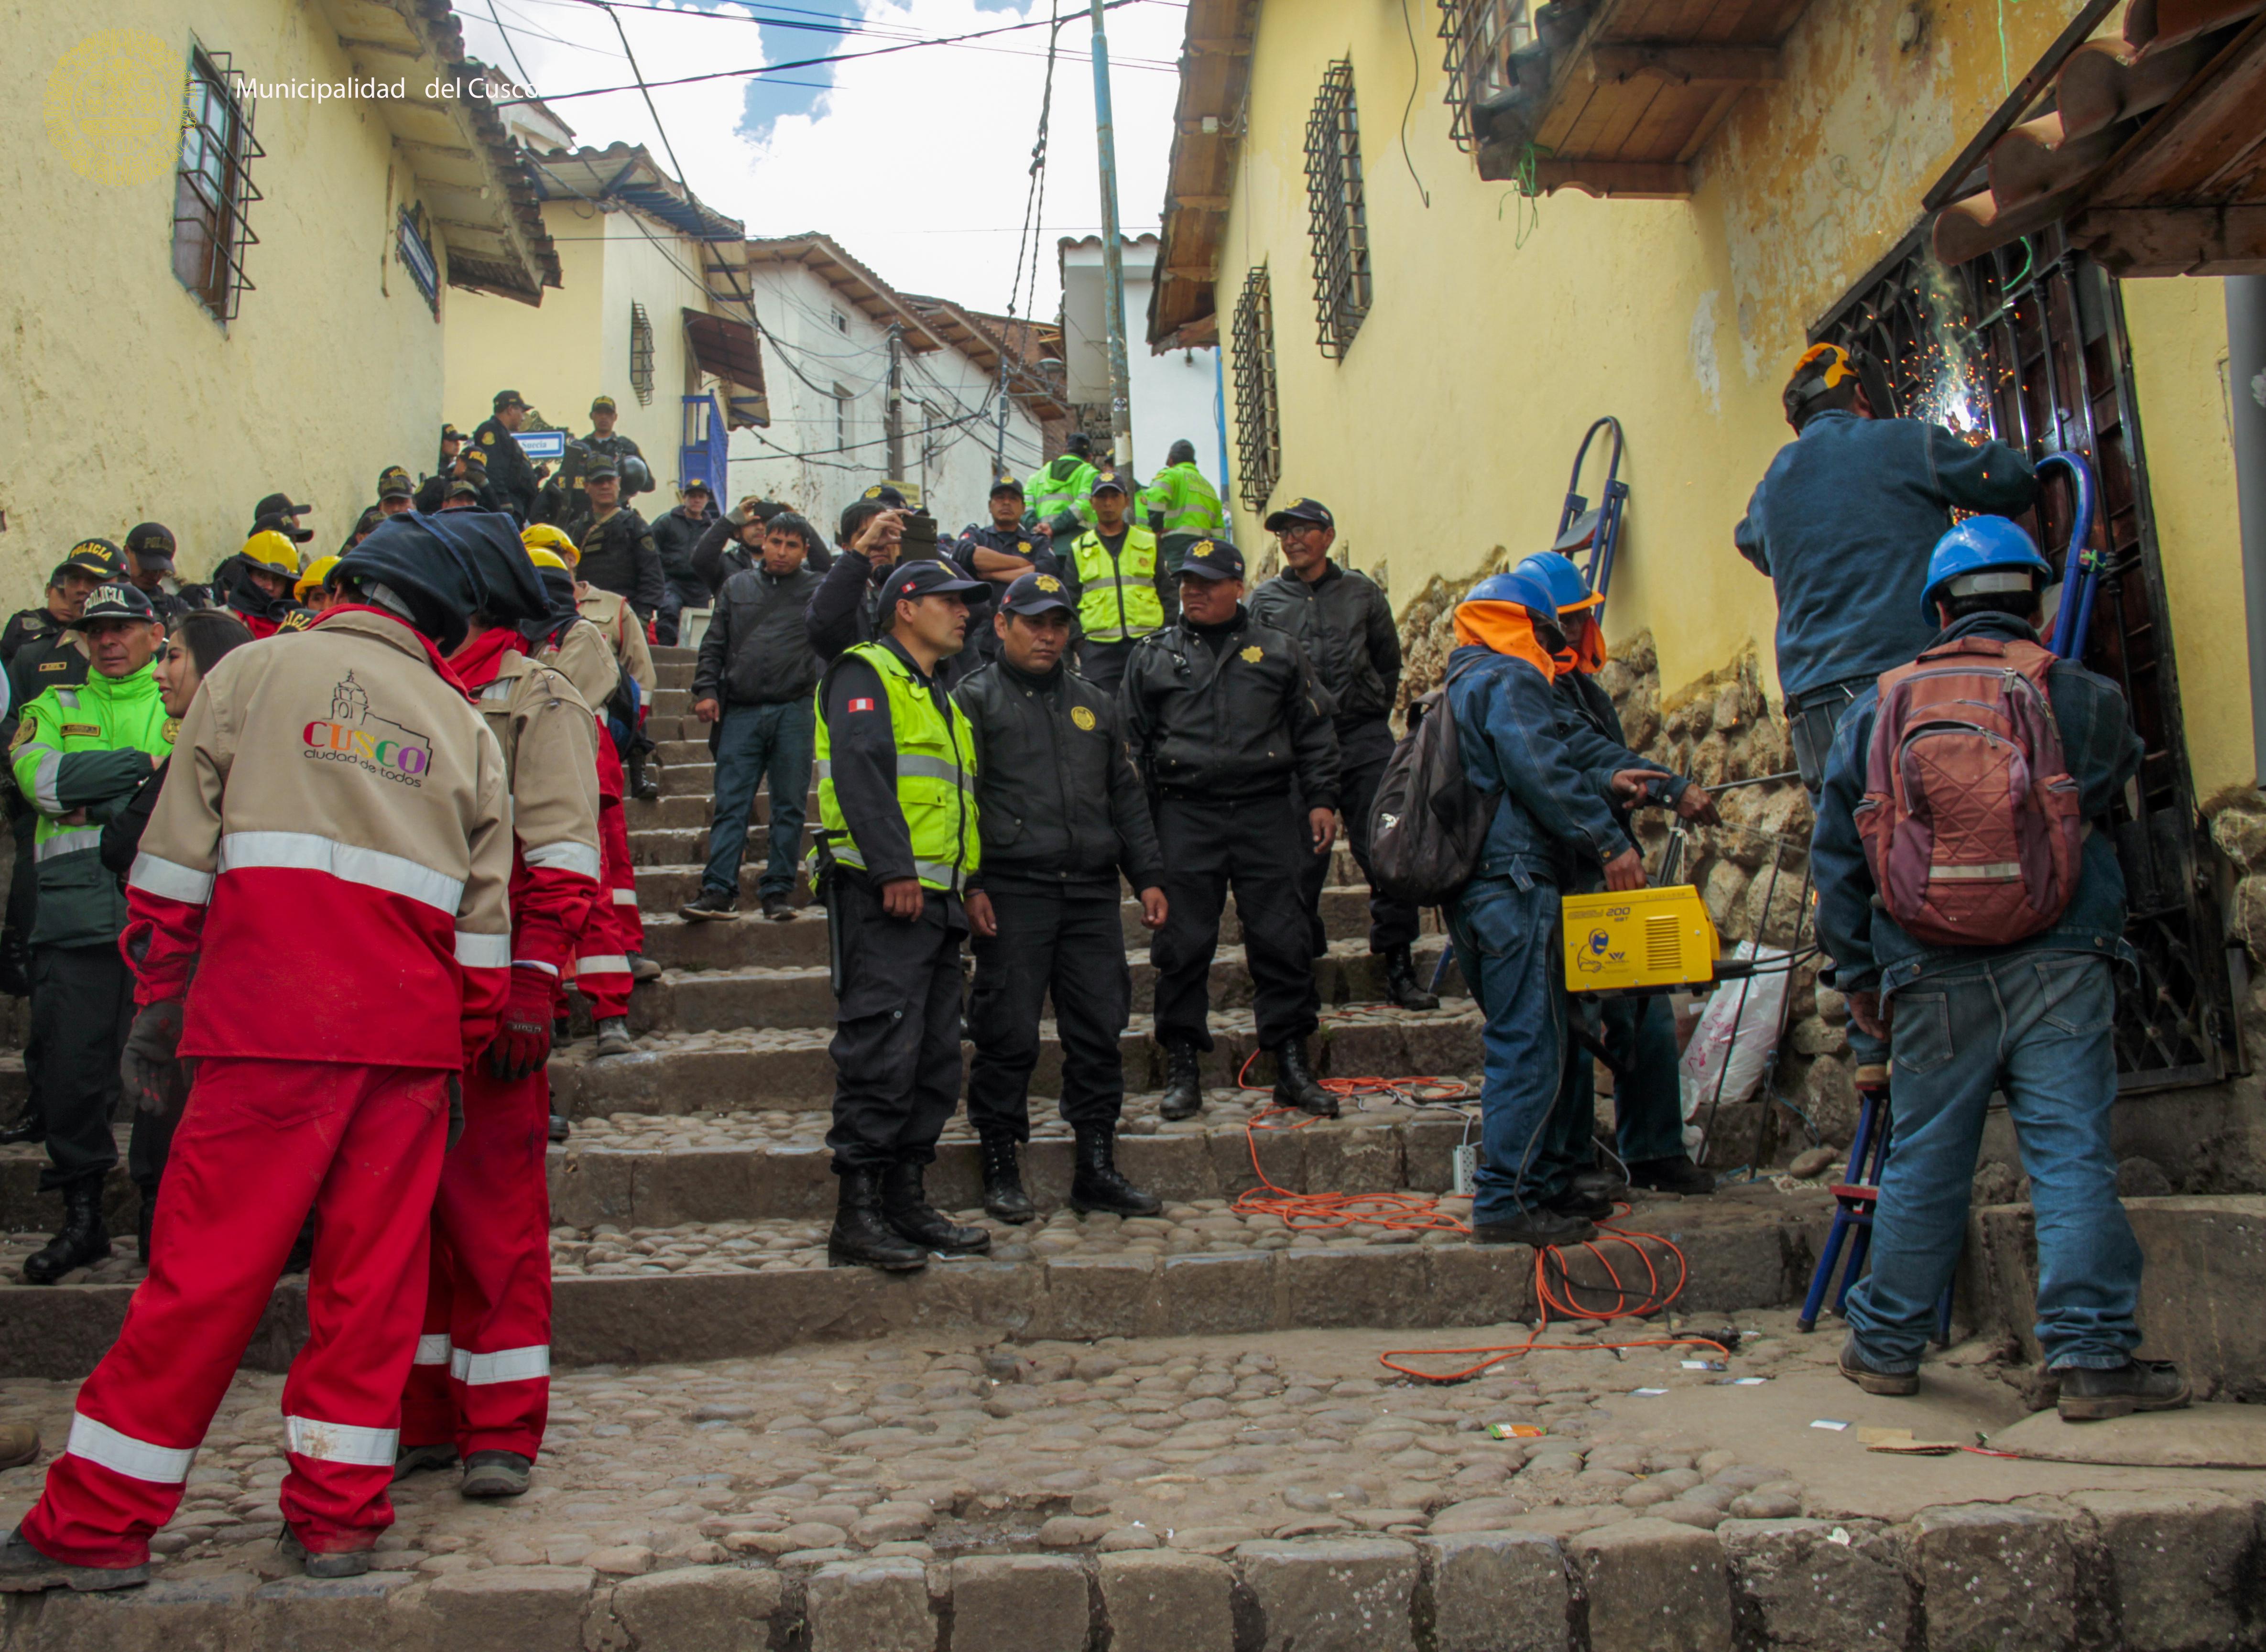 MUNICIPALIDAD DEL CUSCO  CUMPLE ORDEN JUDICIAL PARA CIERRE DE DISCOTECA  FACEBAR EN EL CENTRO HISTÓRICO